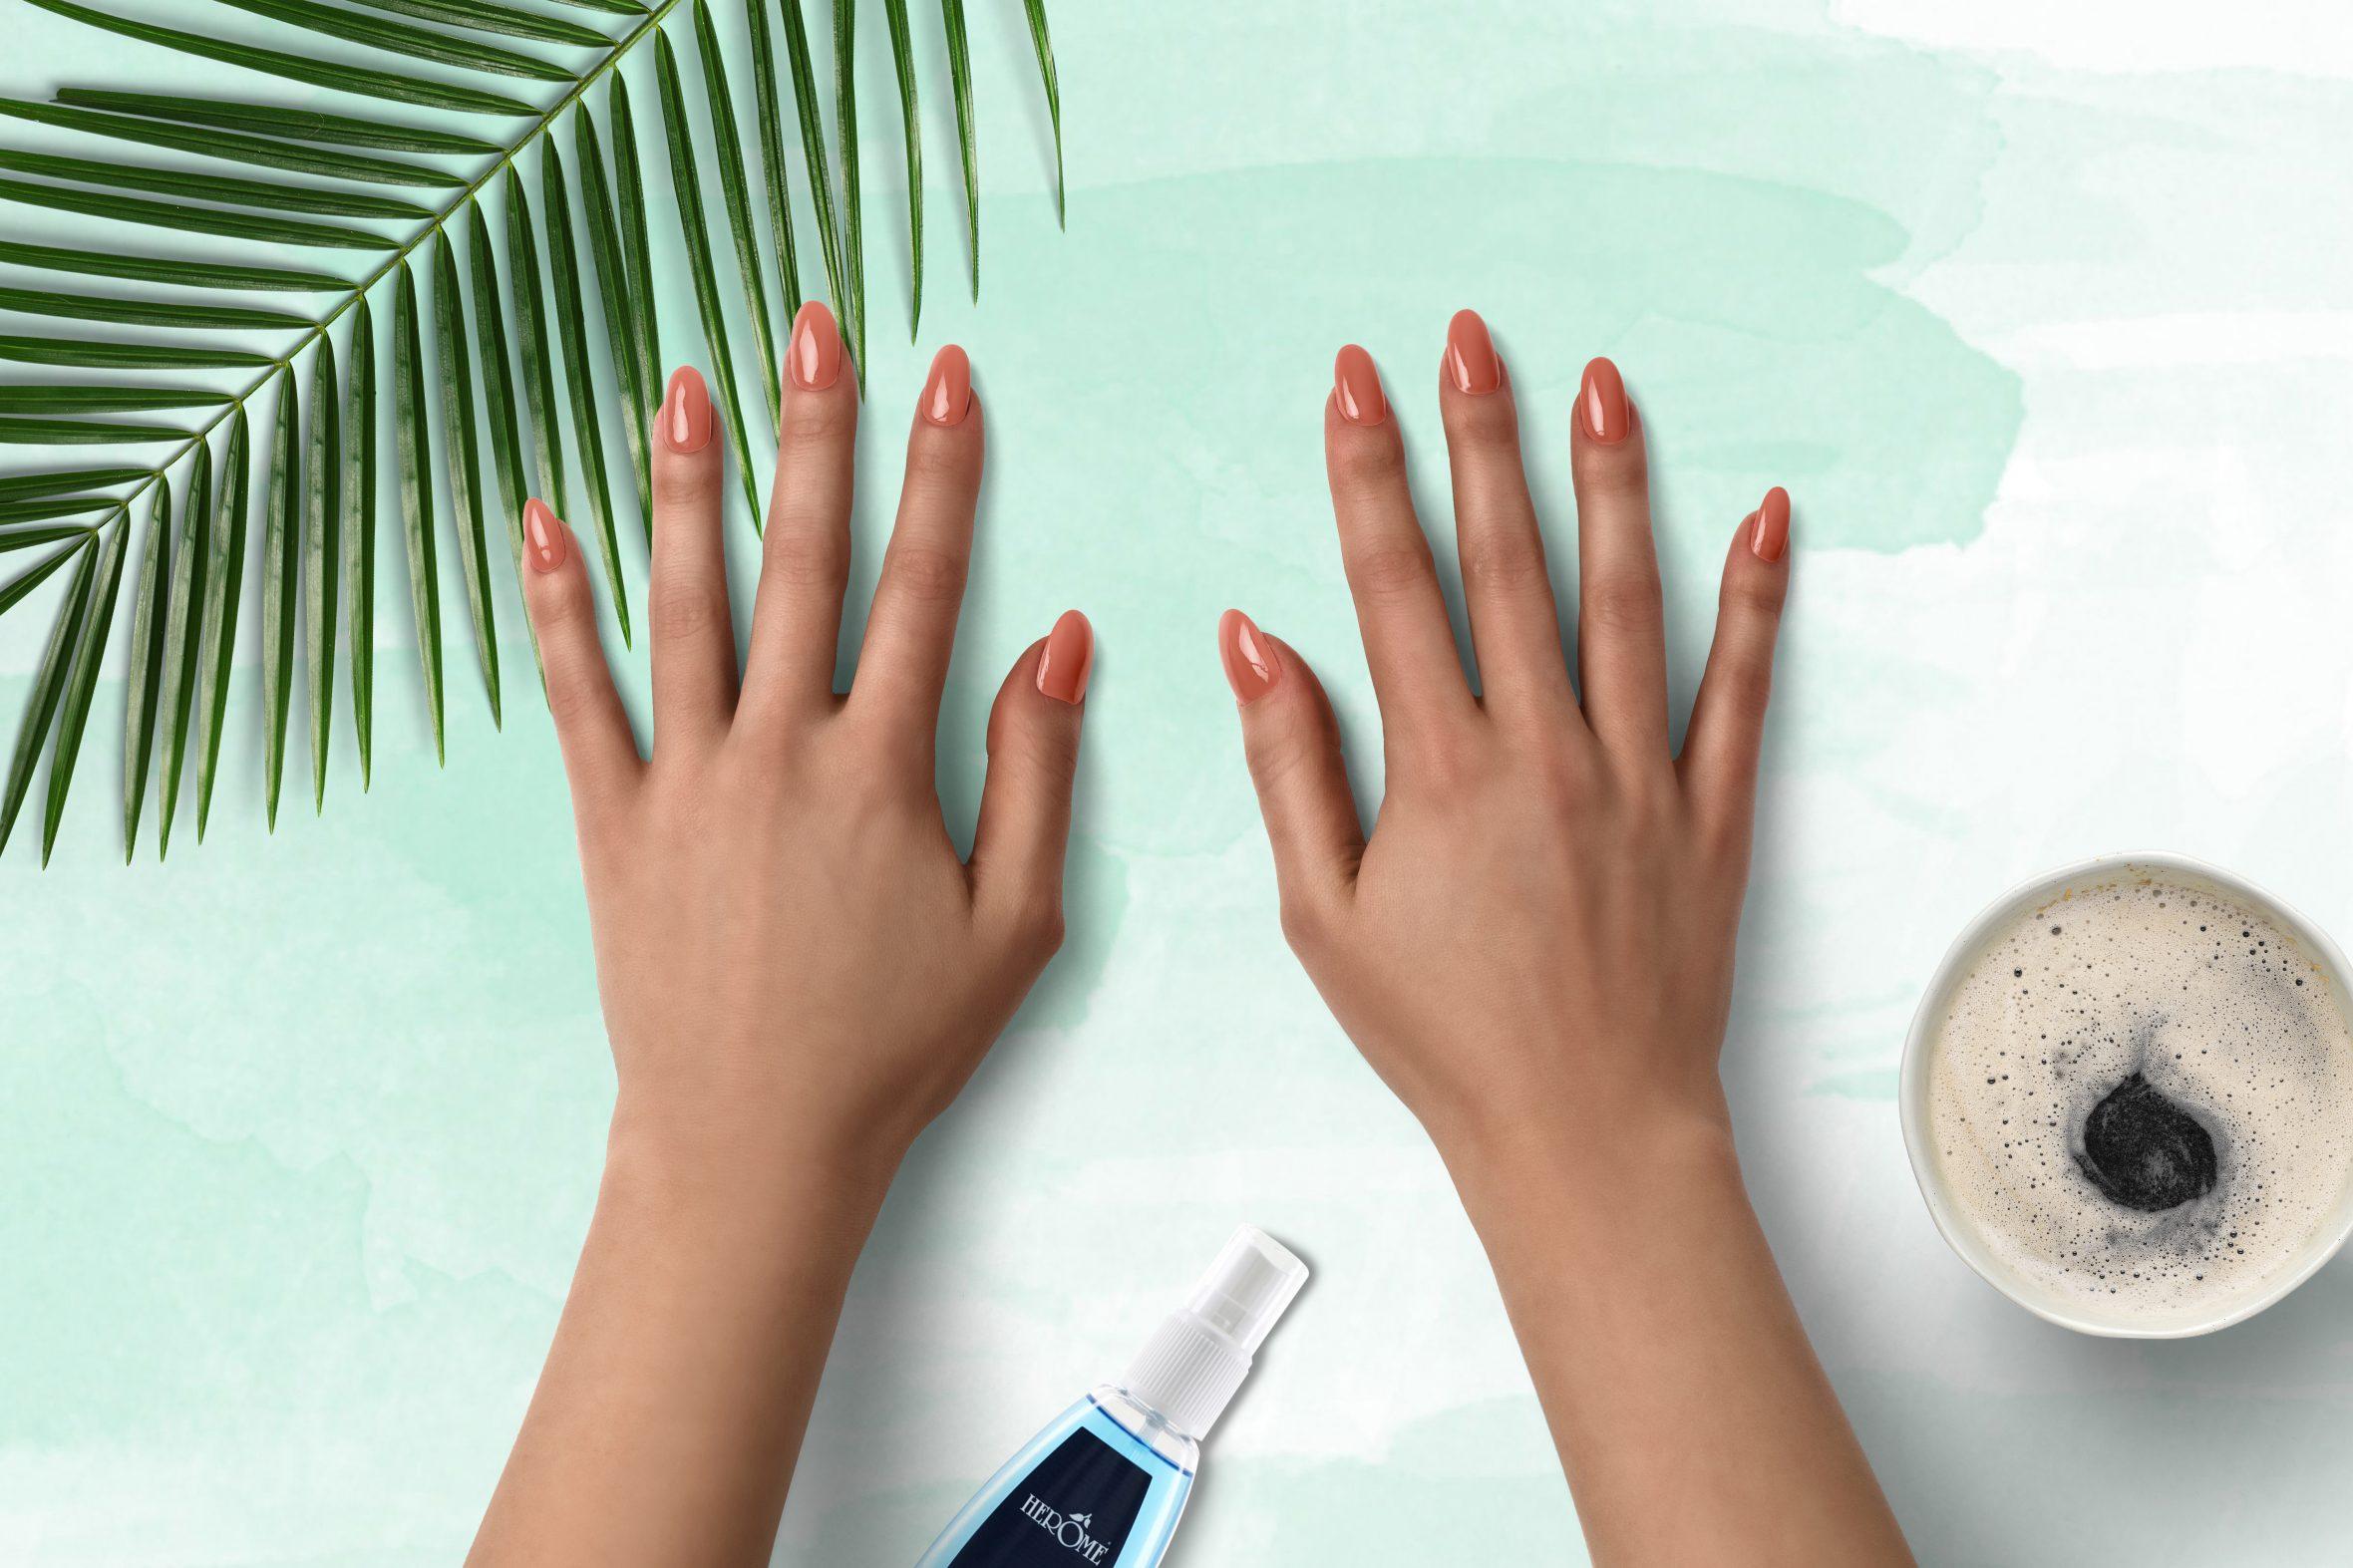 Nude nagellak voor een mooie manicure